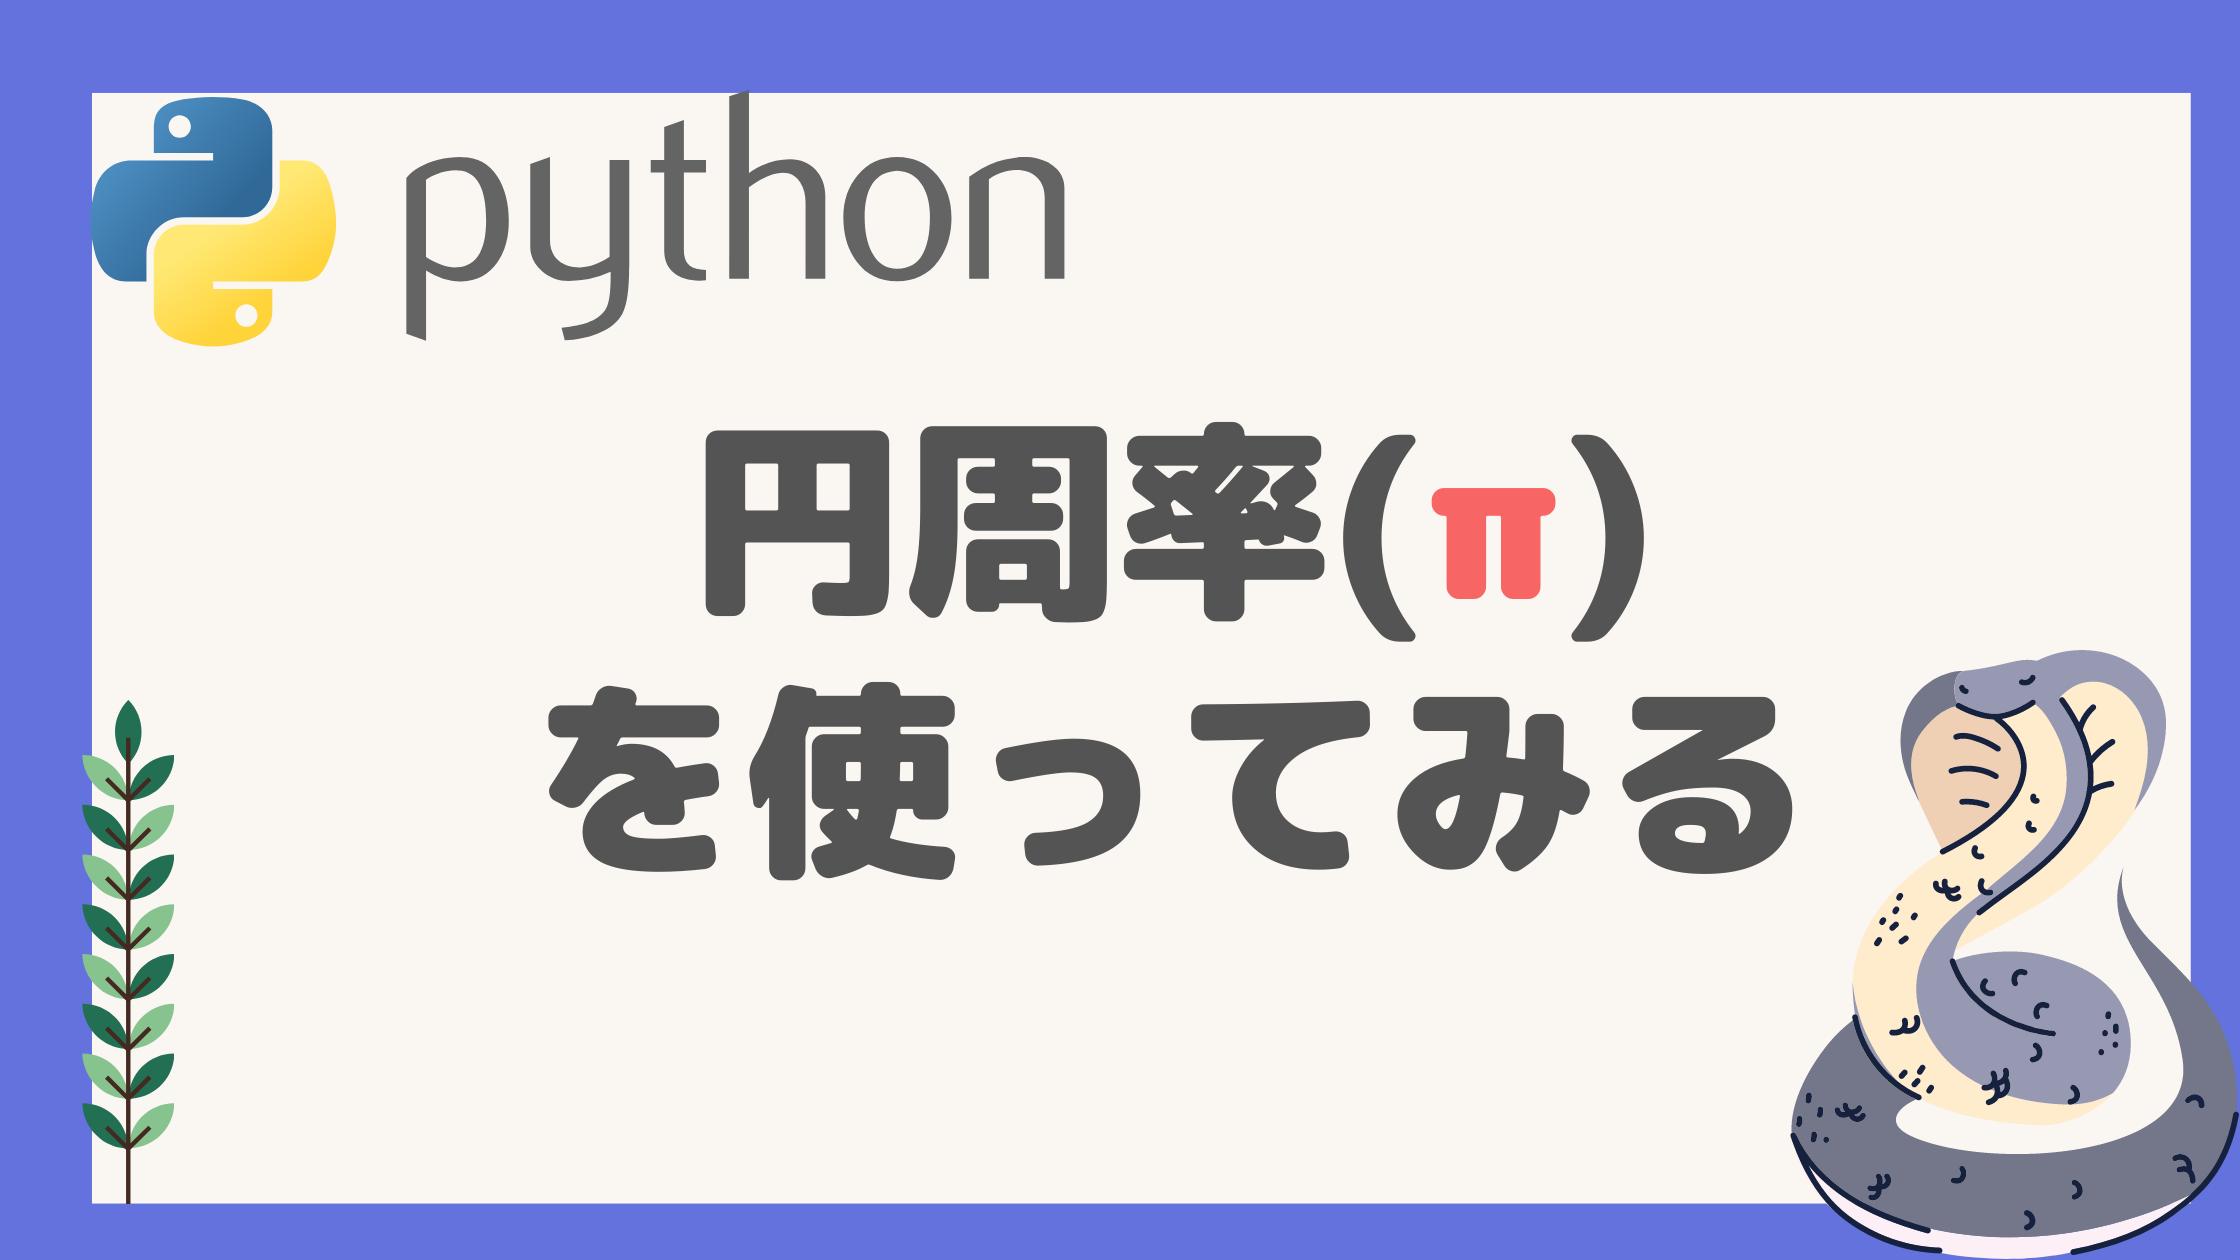 pythonの円周率の記事のアイキャッチ